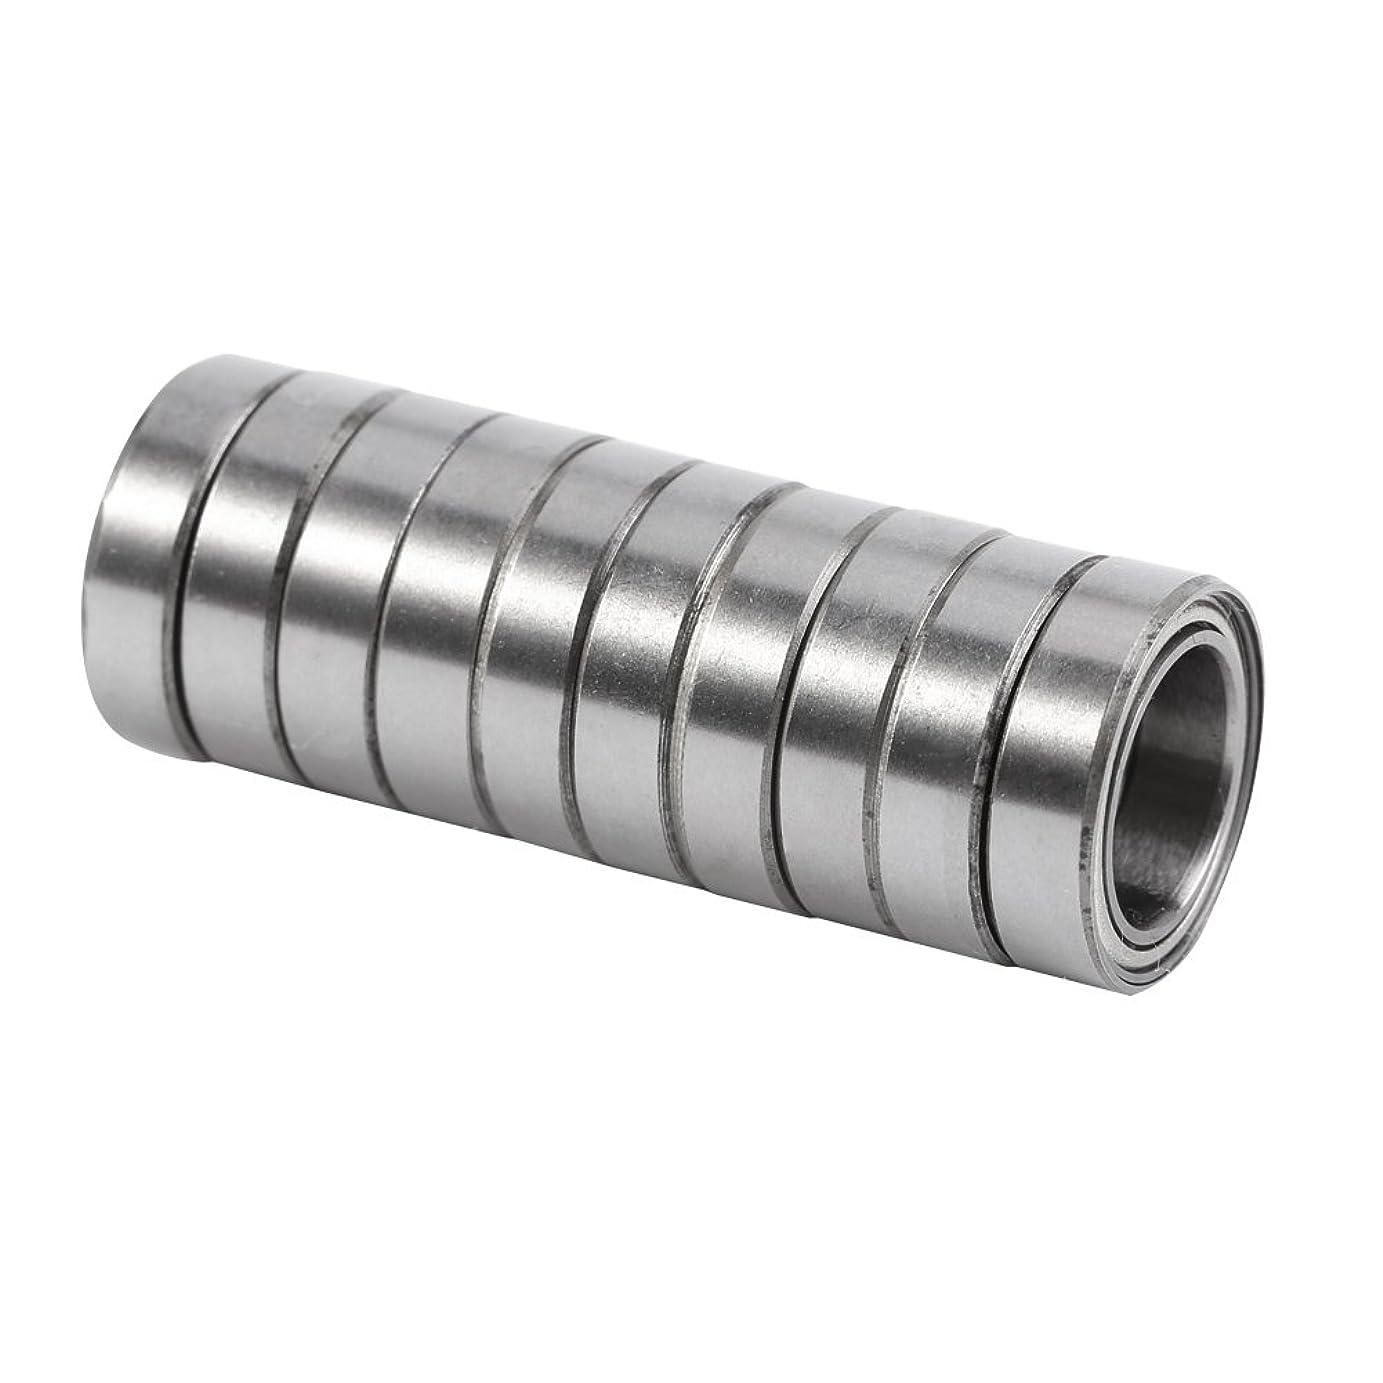 ネクタイシリング多用途10個 ボールベアリング ベアリング 6700ZZ 二重シールド 薄切片薄壁玉軸受10 * 15 * 4mm